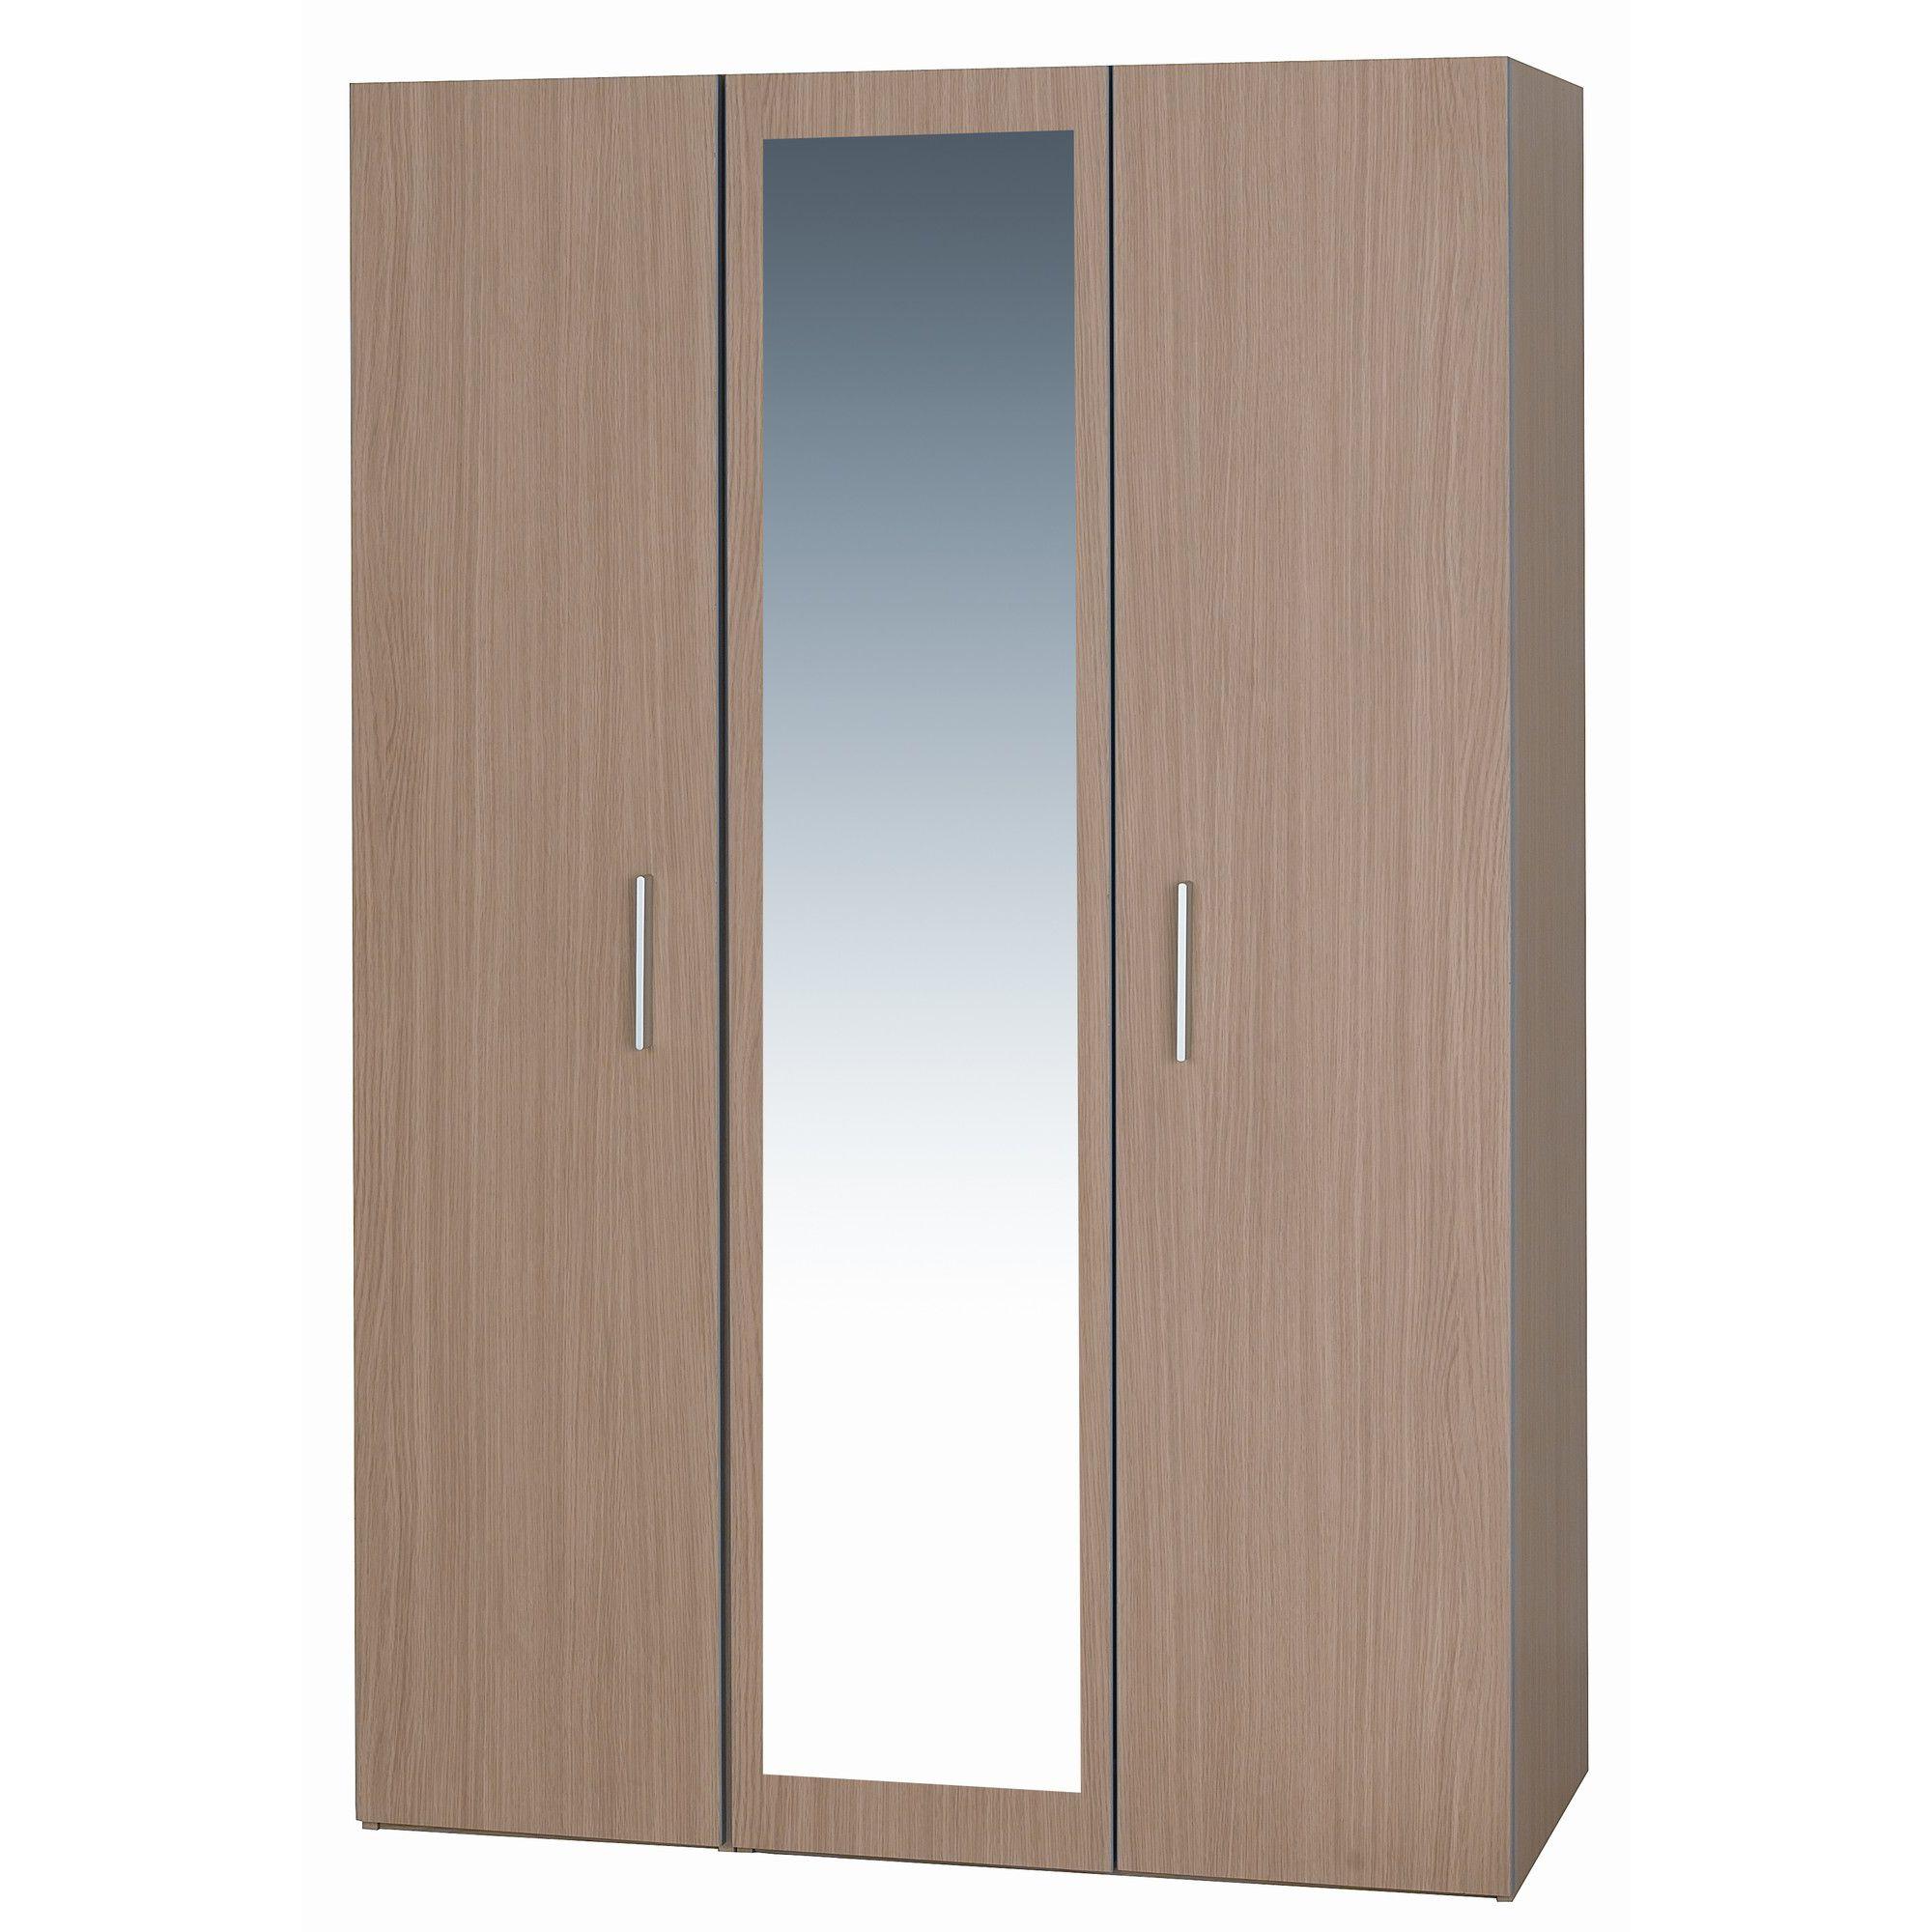 Alto Furniture Mode Oak Three Door Wardrobe at Tesco Direct